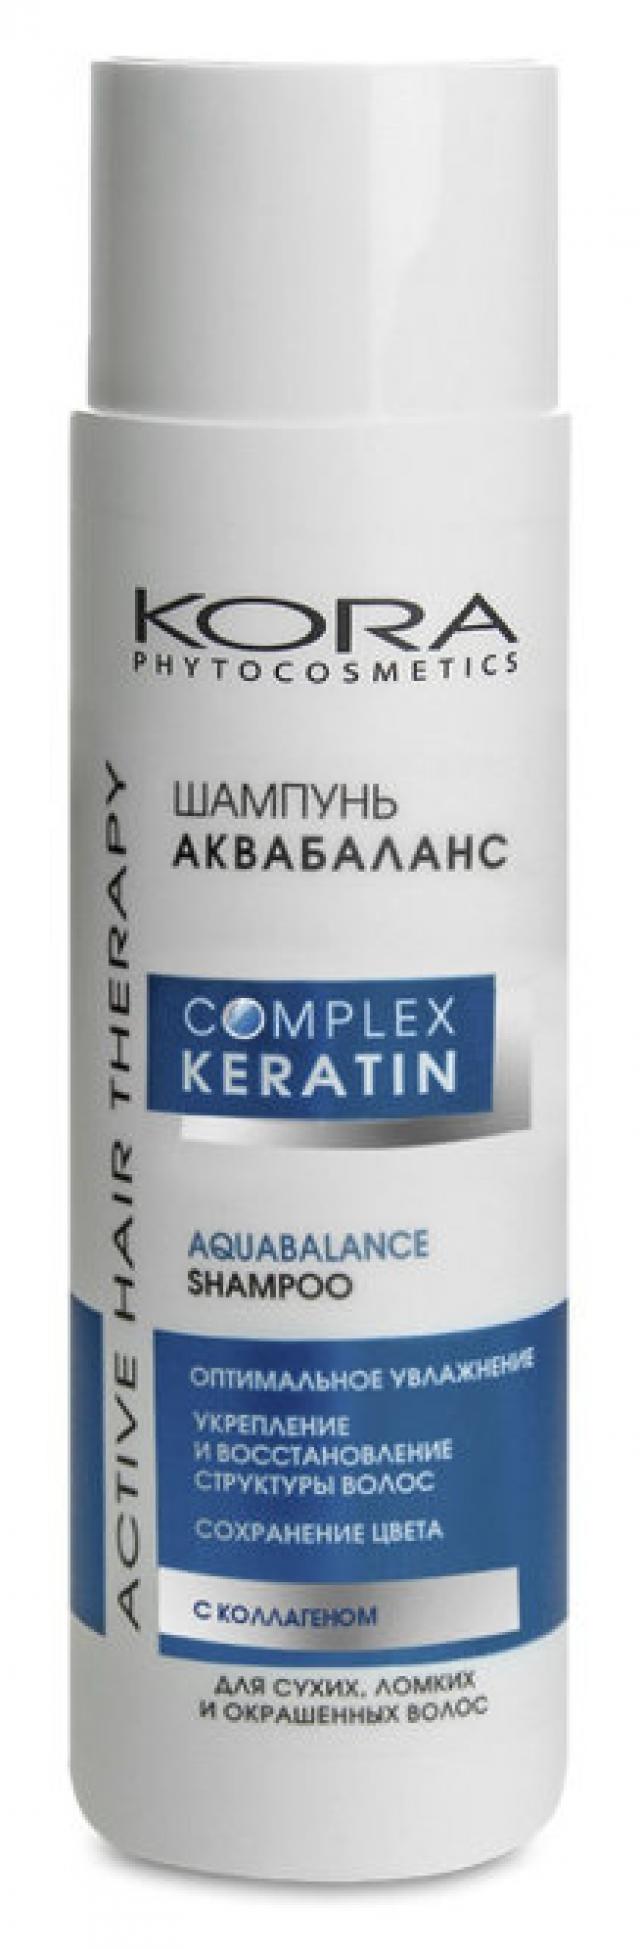 Кора шампунь Аквабаланс 250мл 45710 купить в Москве по цене от 370 рублей